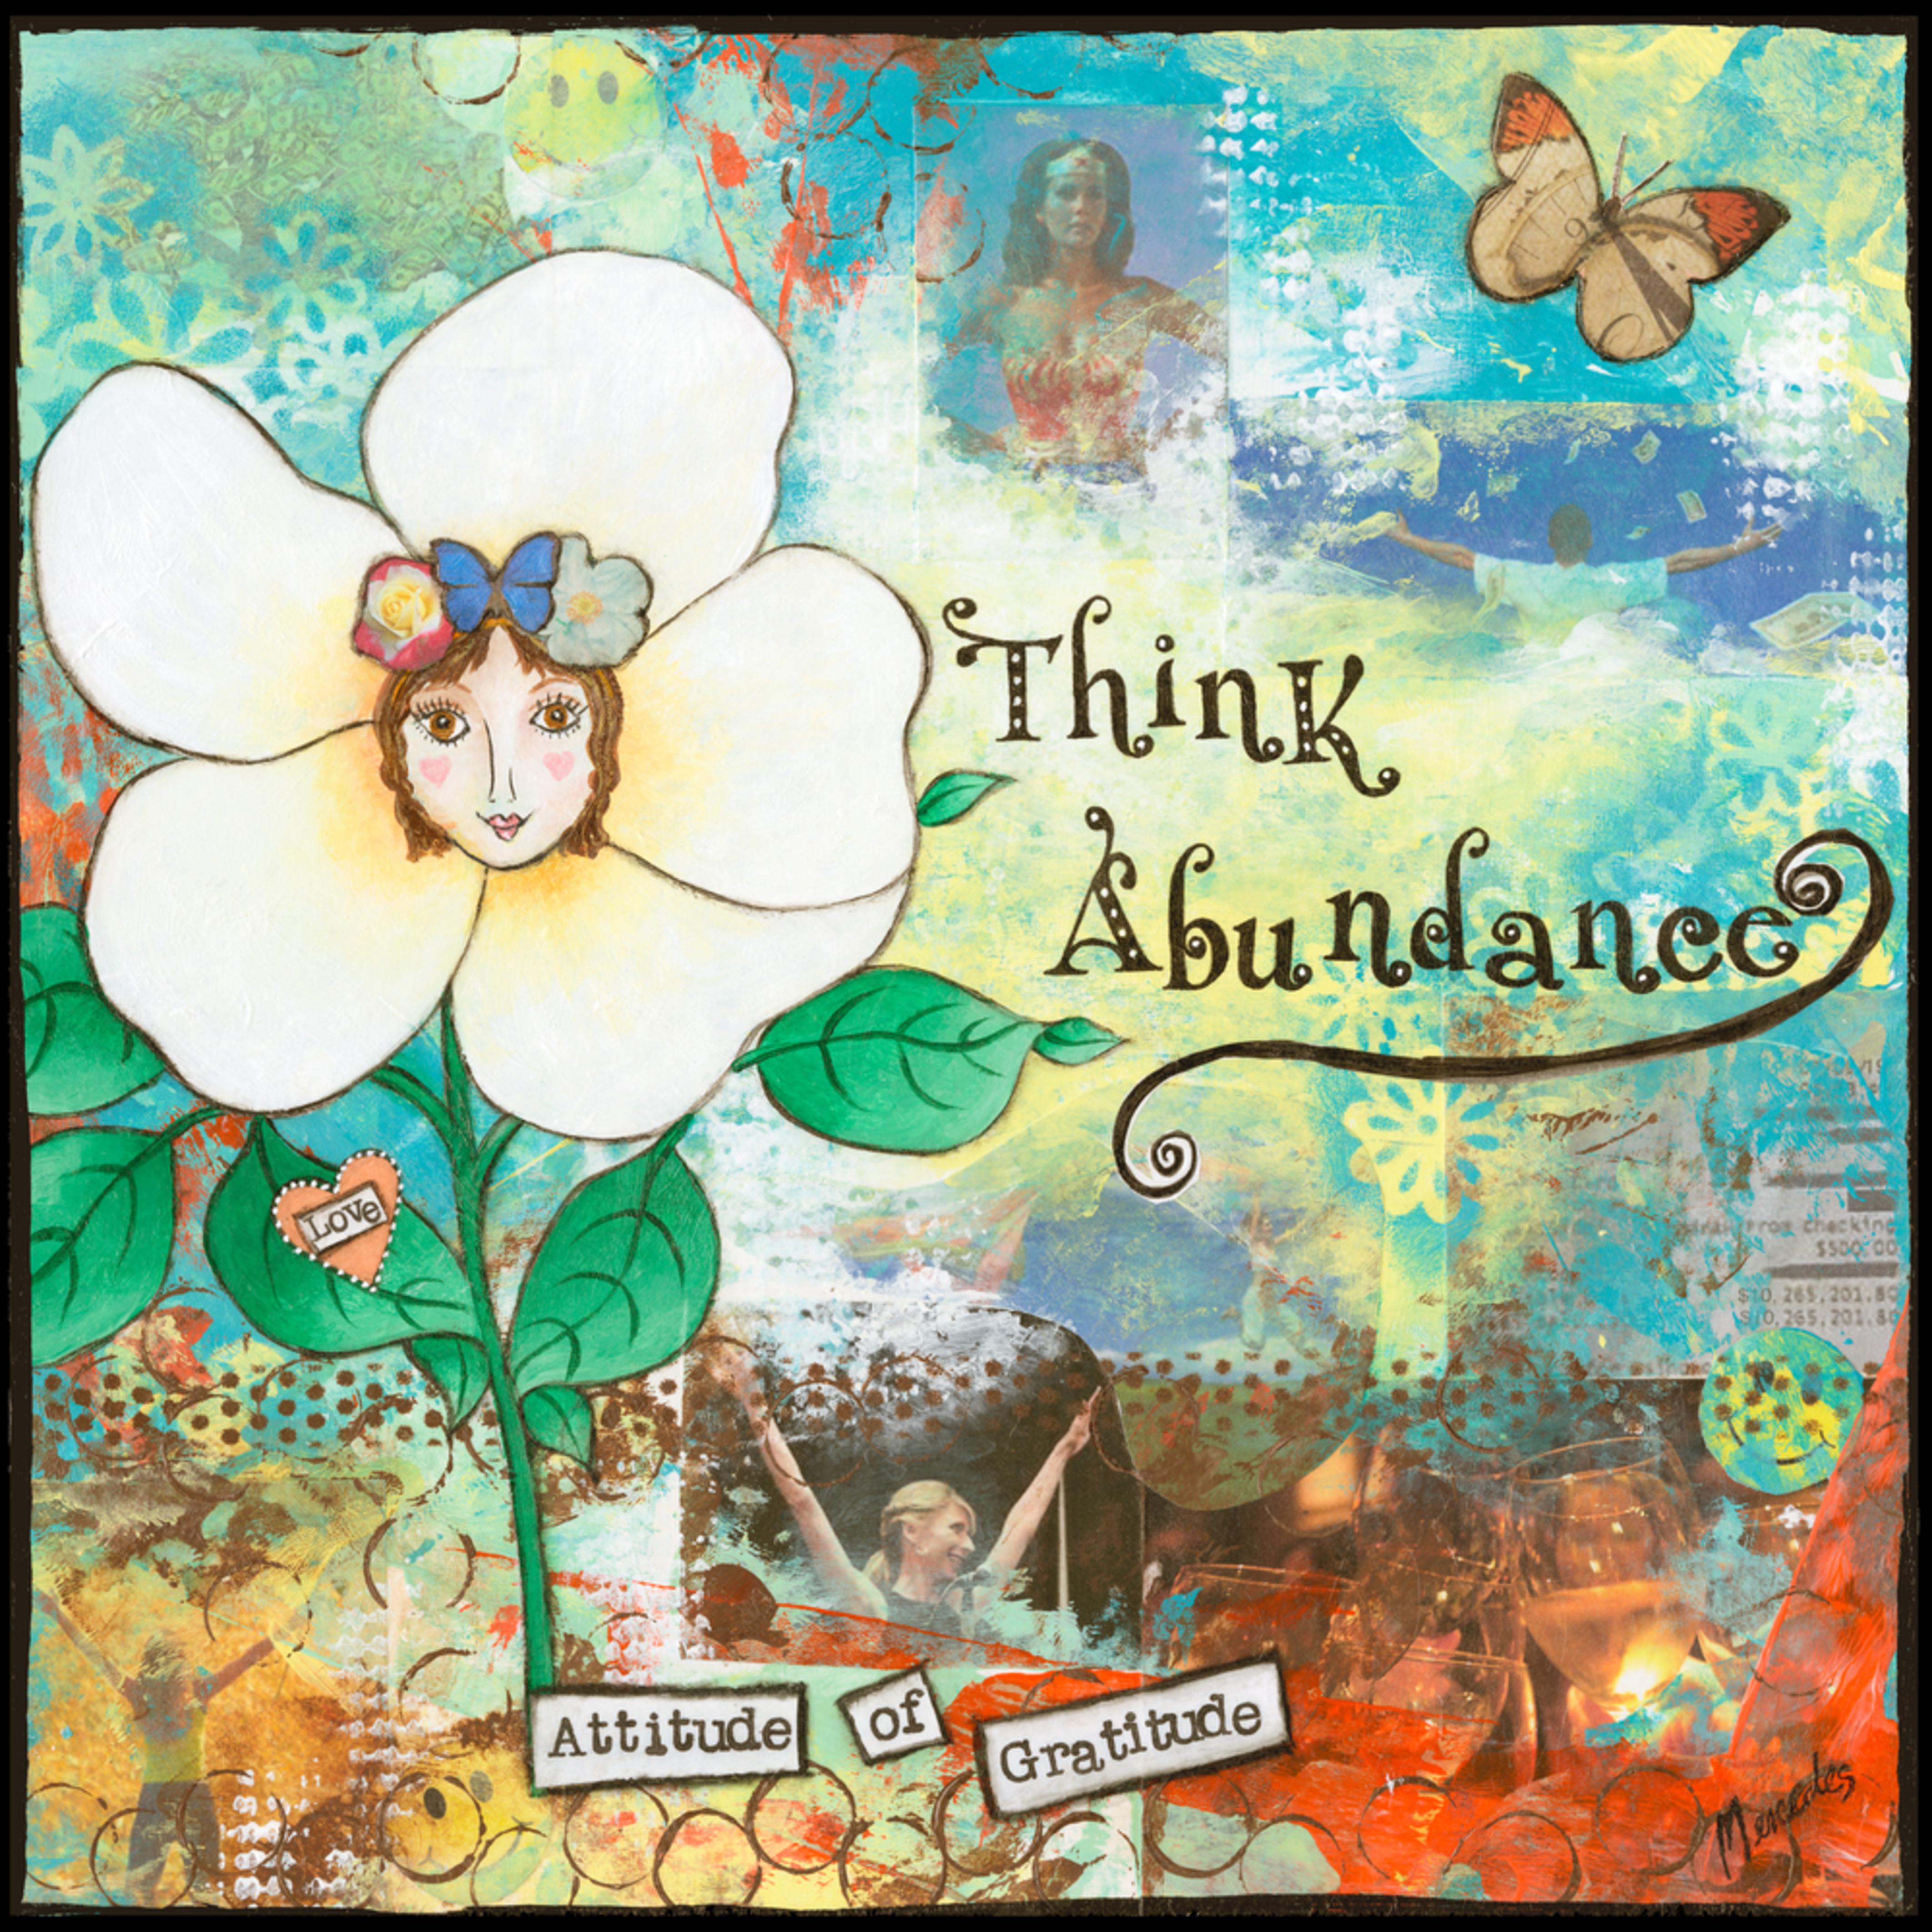 Thinkabundance adj 4print wborders ill57n